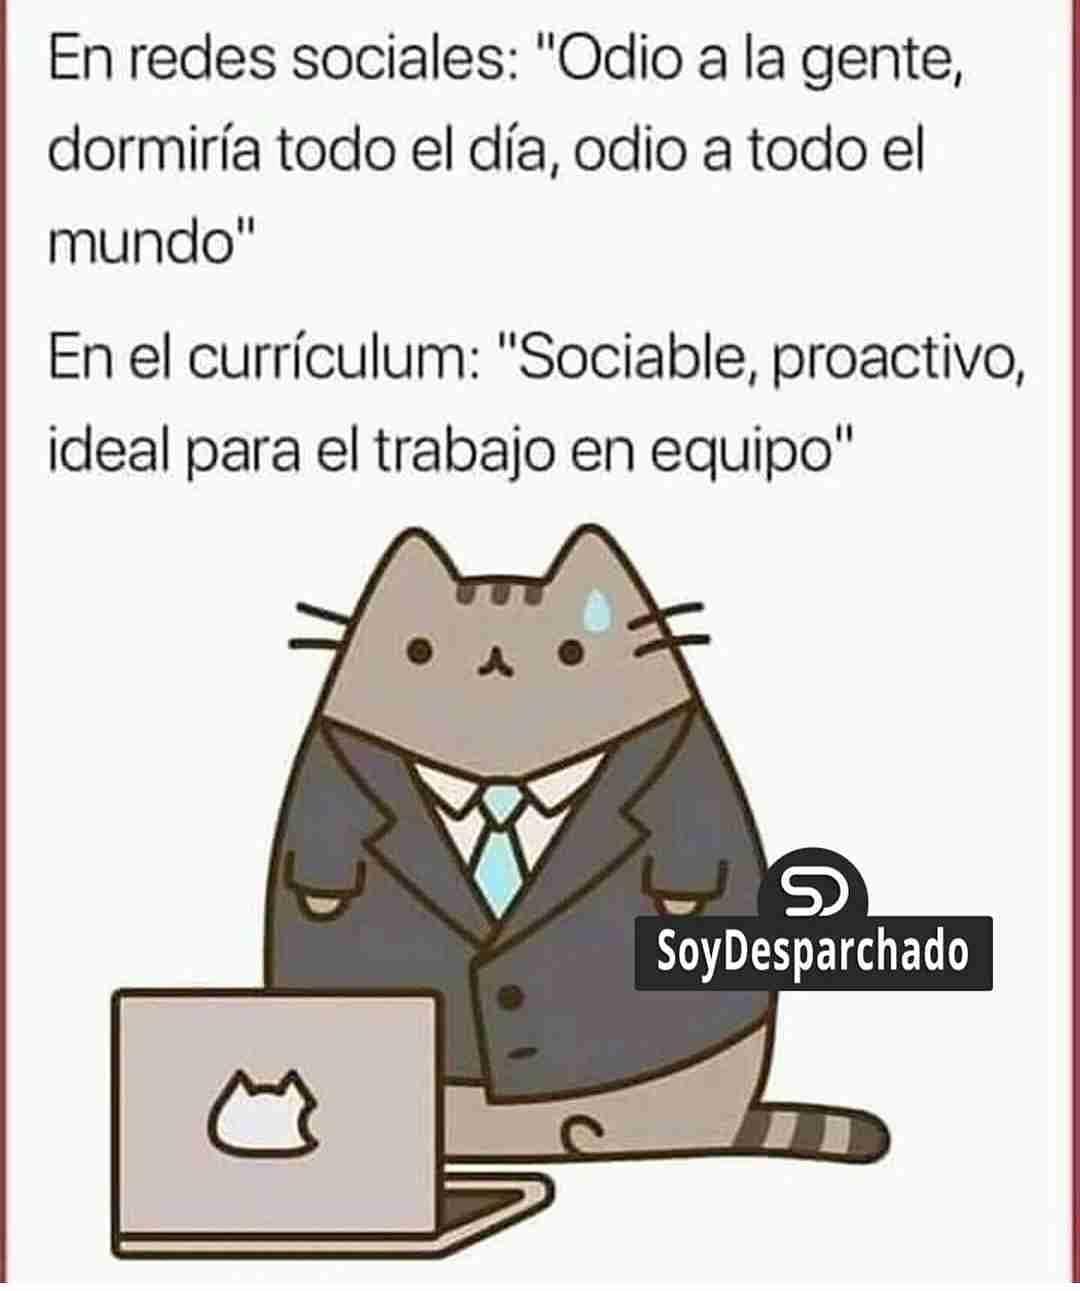 """En redes sociales: """"Odio a la gente, dormiría todo el día, odio a todo el mundo"""".  En el currículum: """"Sociable, proactivo, ideal para el trabajo en equipo""""."""